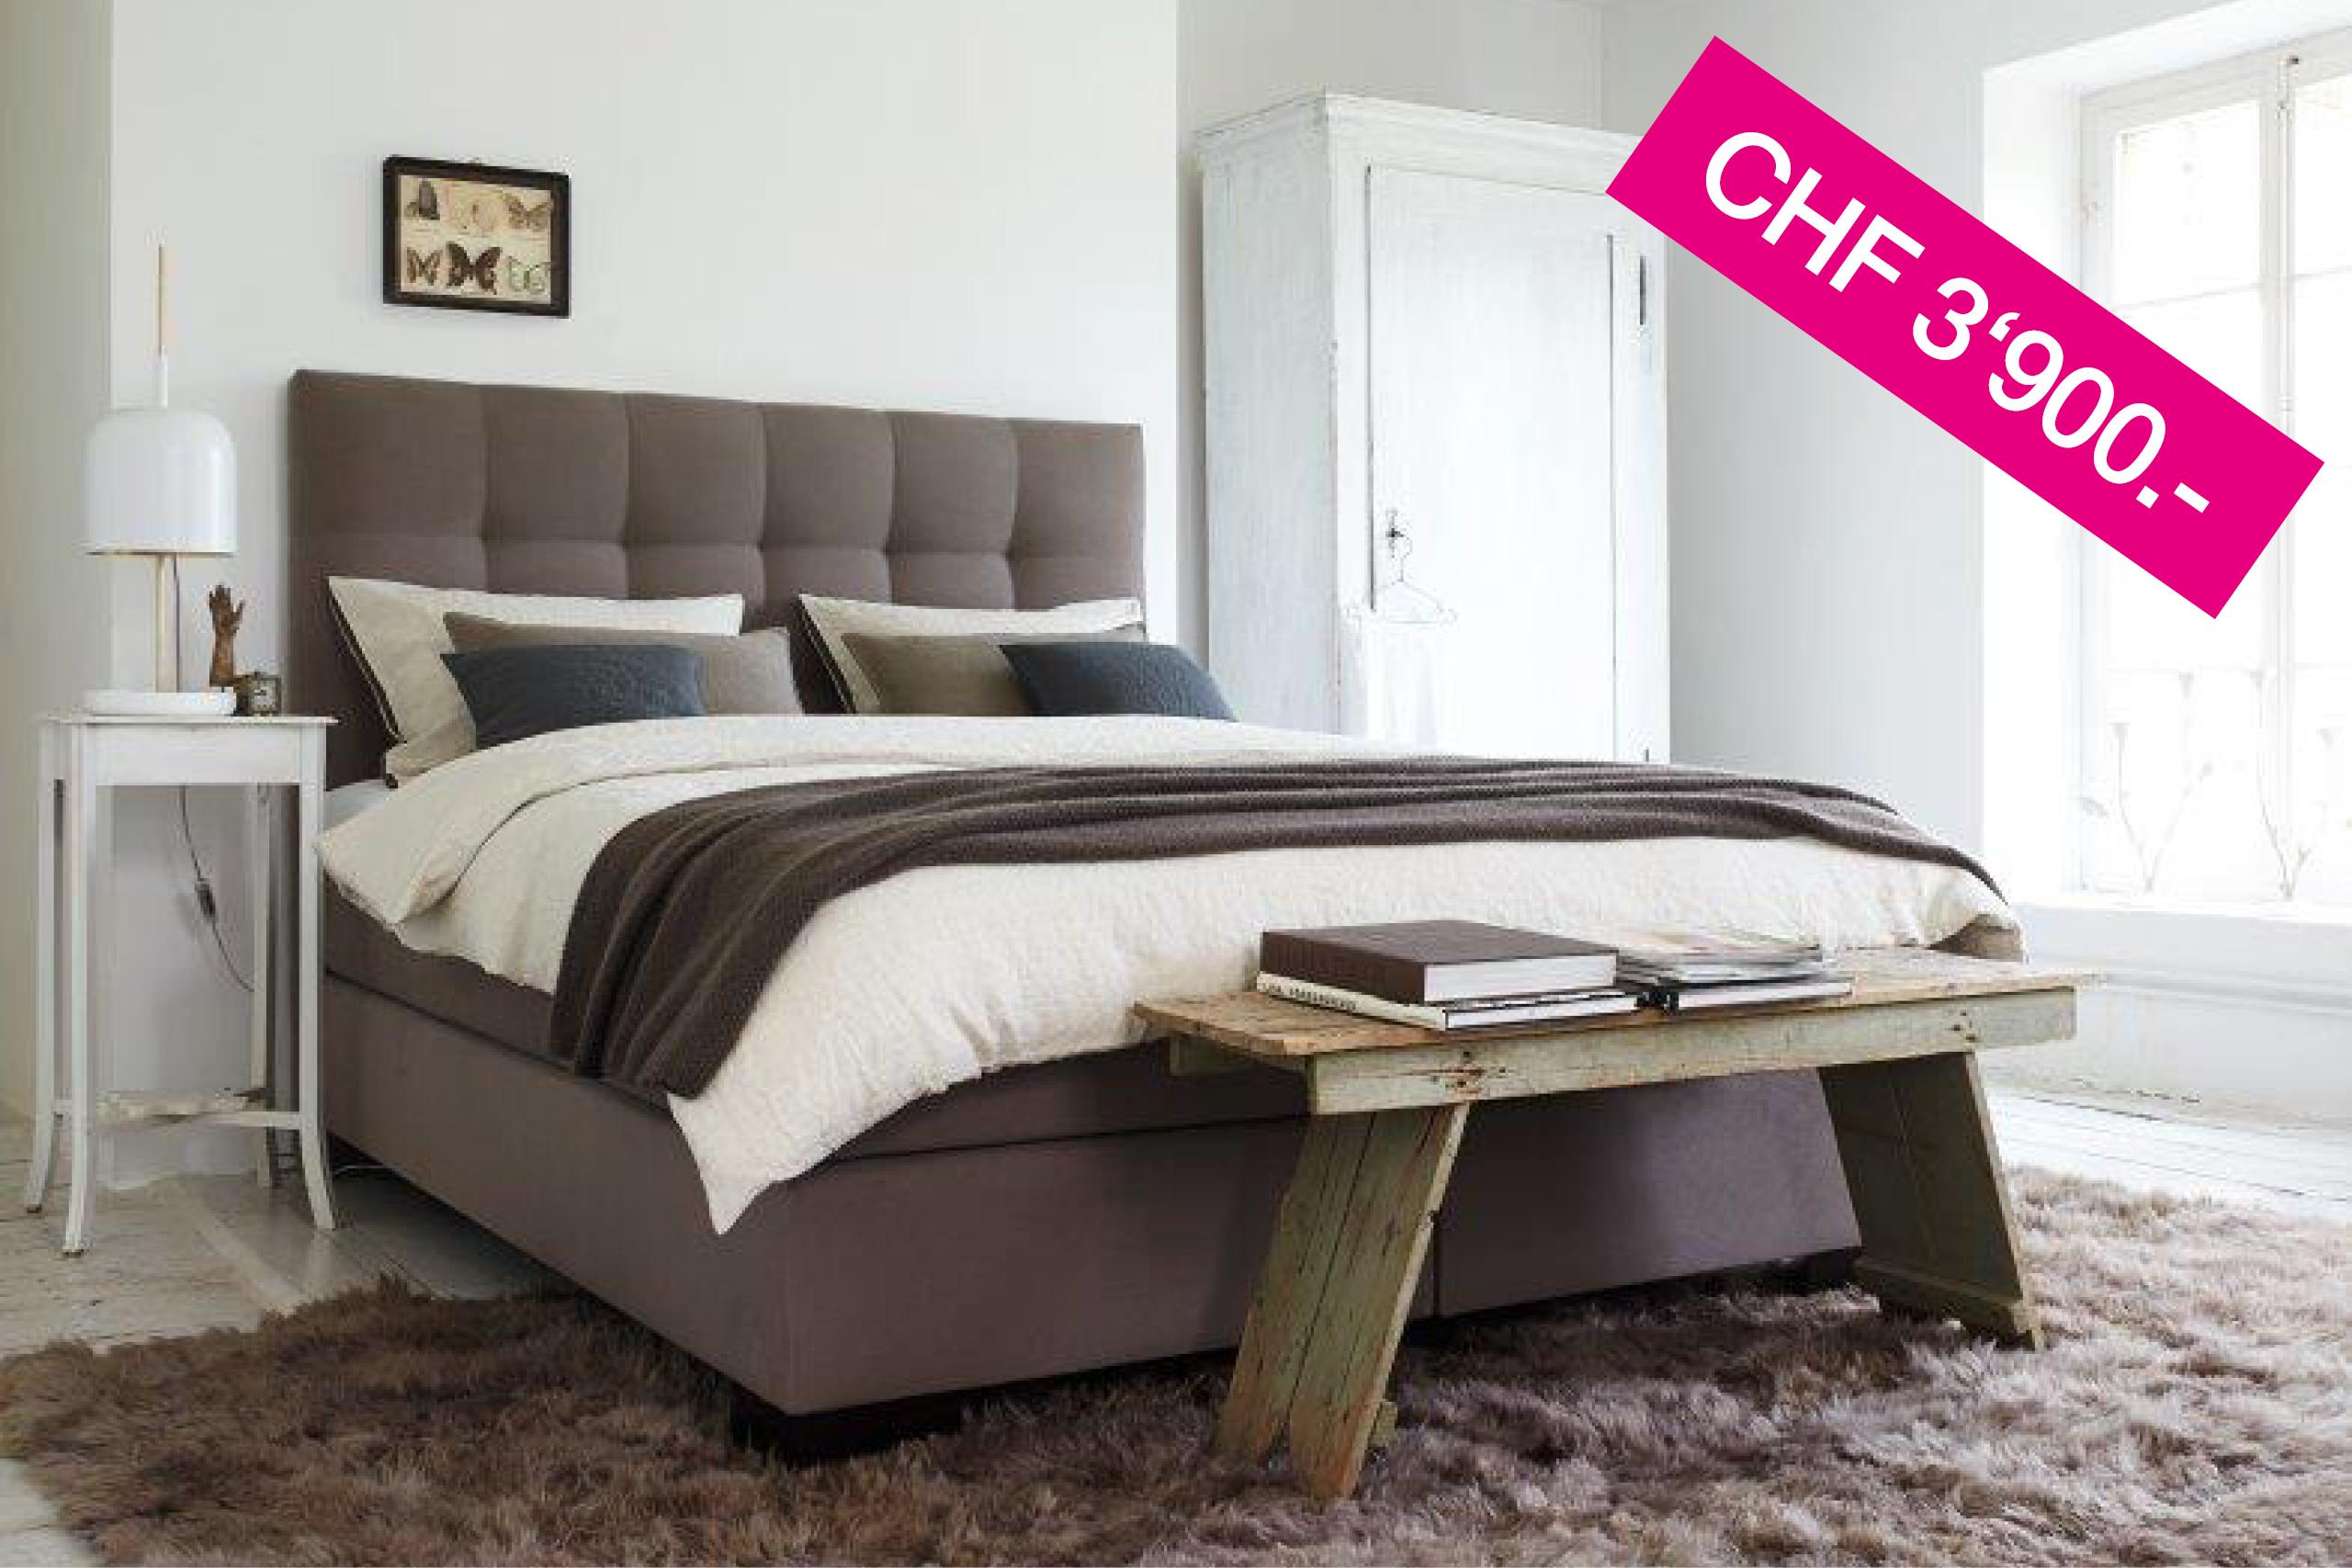 Betten Kaufen In Zürich Bettengeschäft Gsmoebelbetten Kaufen In